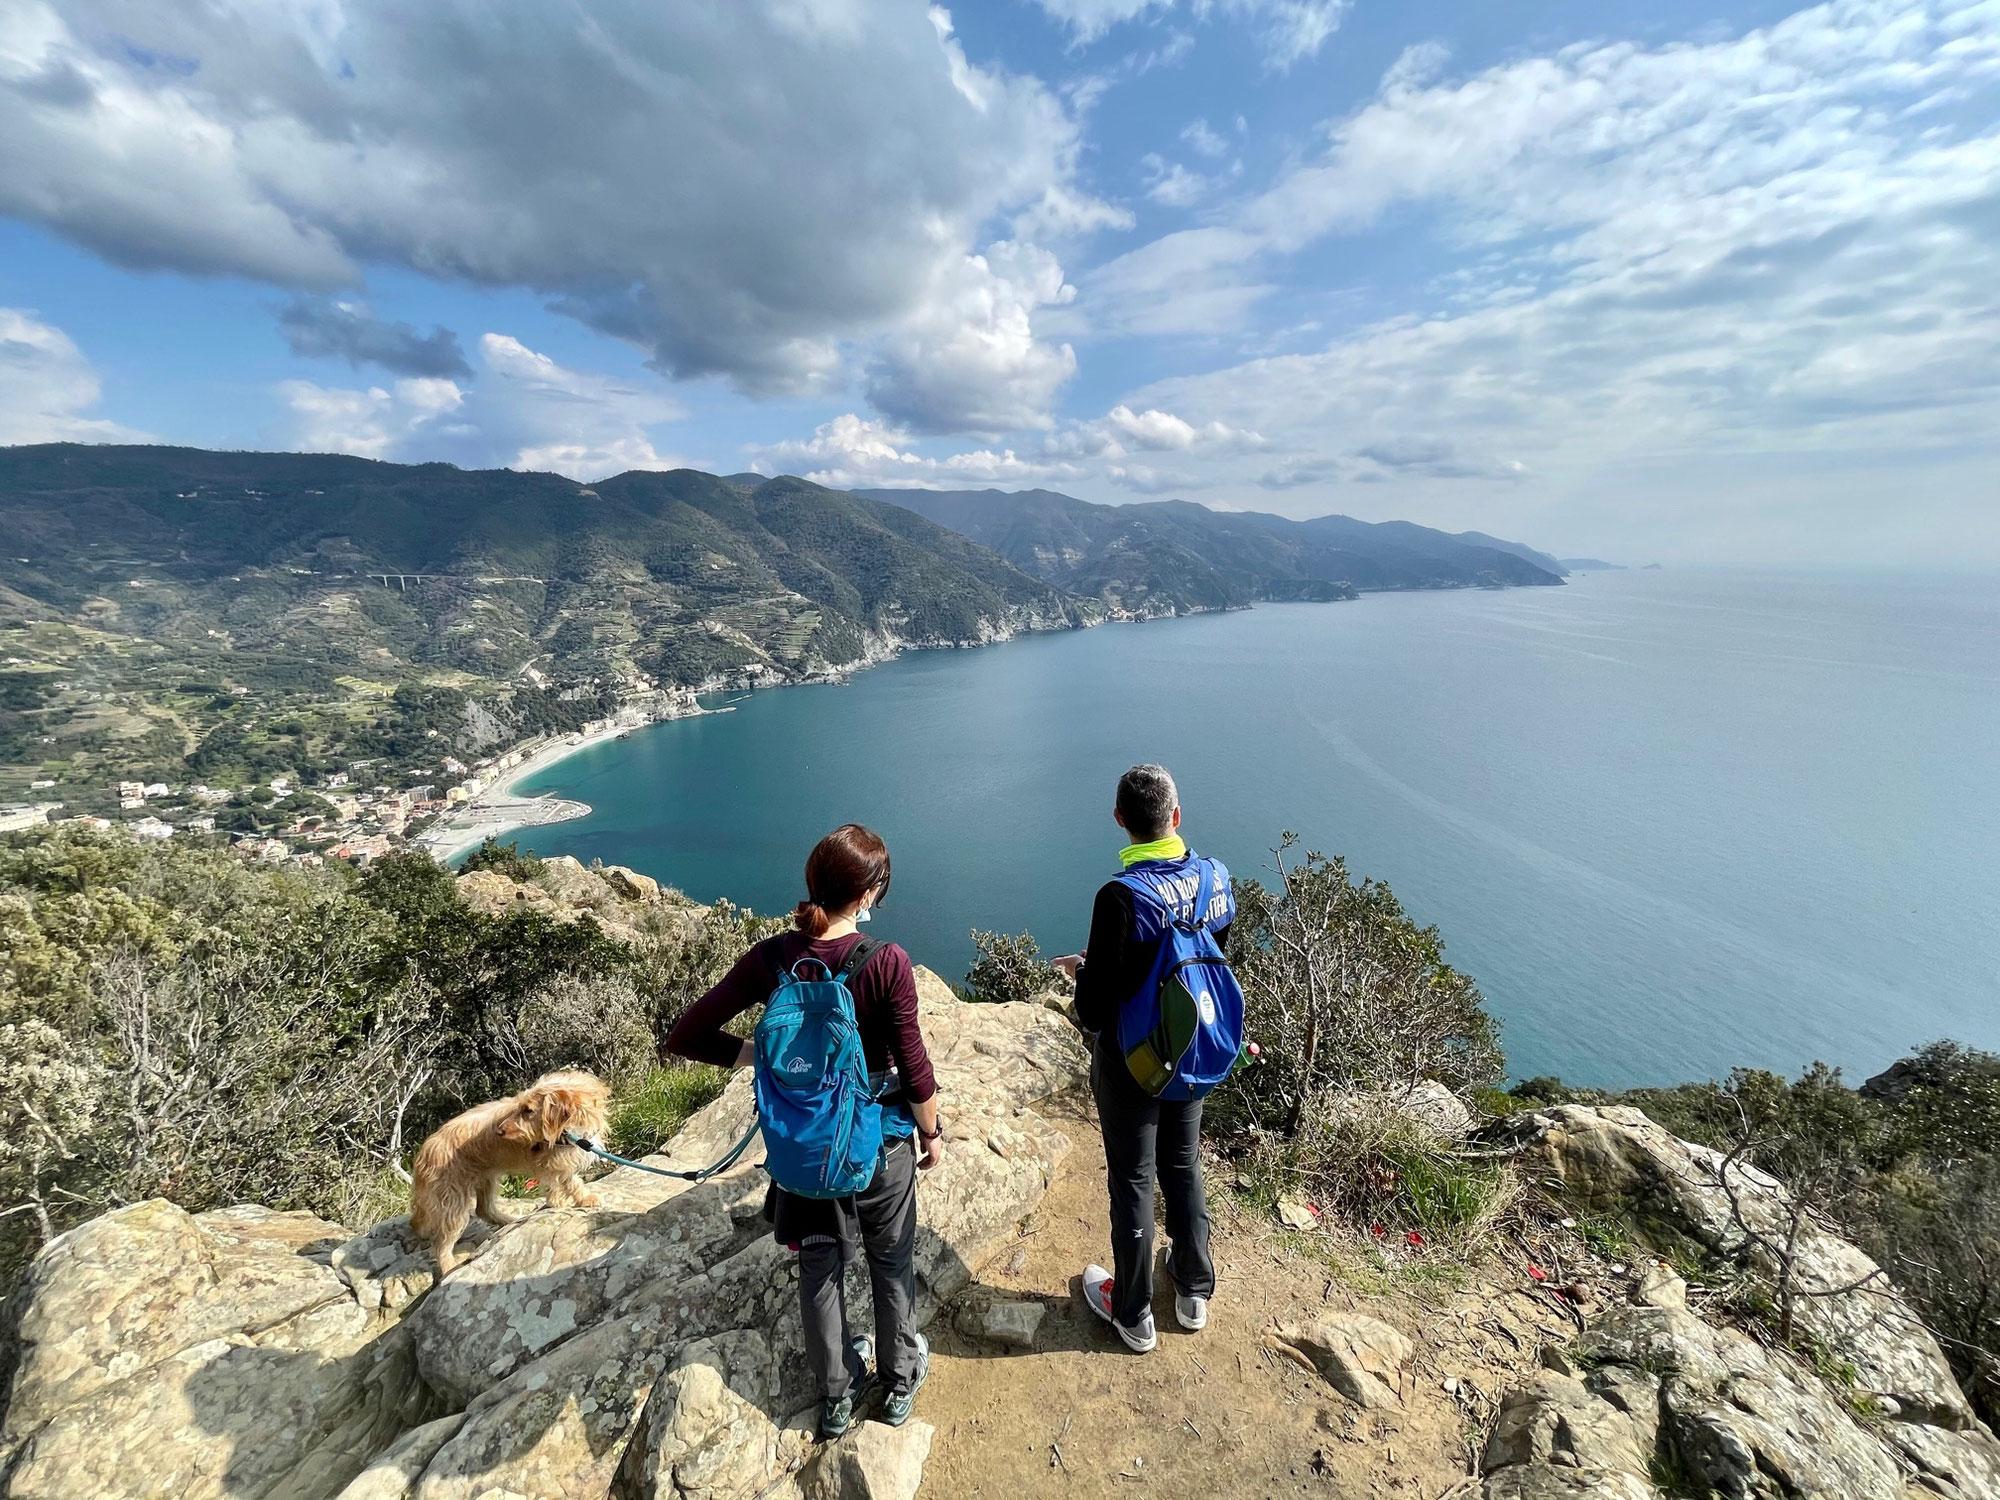 Sabato, 13 marzo: Il promontorio di Punta Mesco - panorami tra Levanto e le Cinque Terre